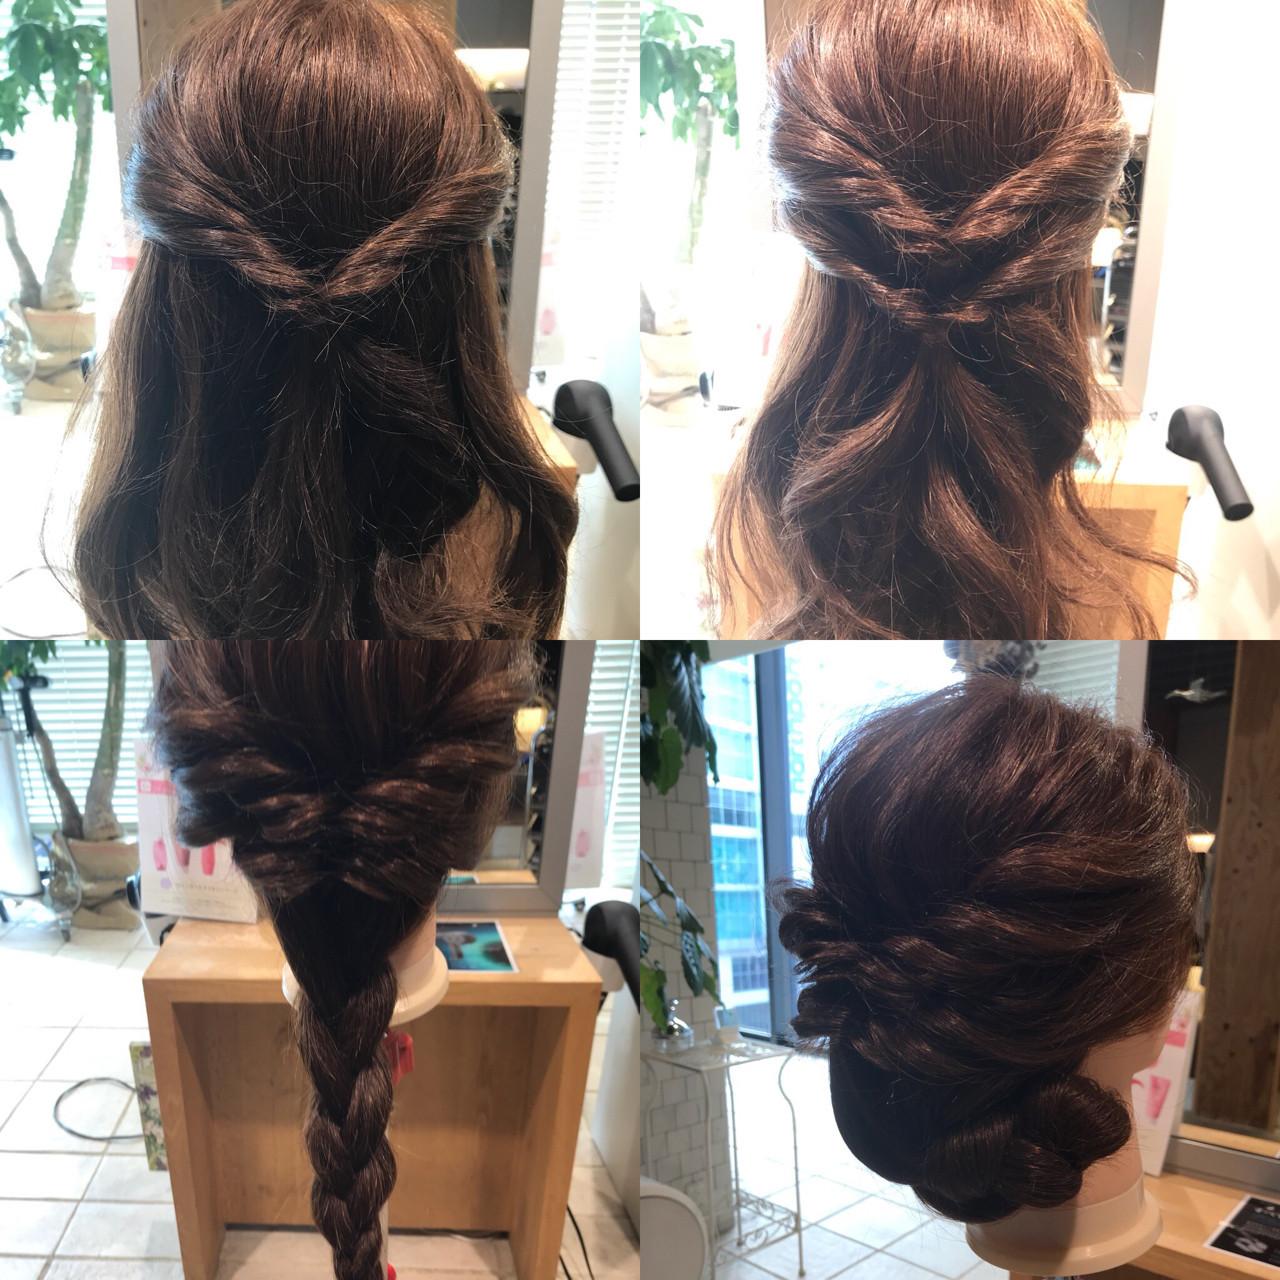 くるりんぱ×三つ編みで簡単アップ YASU | hair salon M.plus ヨツバコ店 (ヘアーサロン エムプラス)